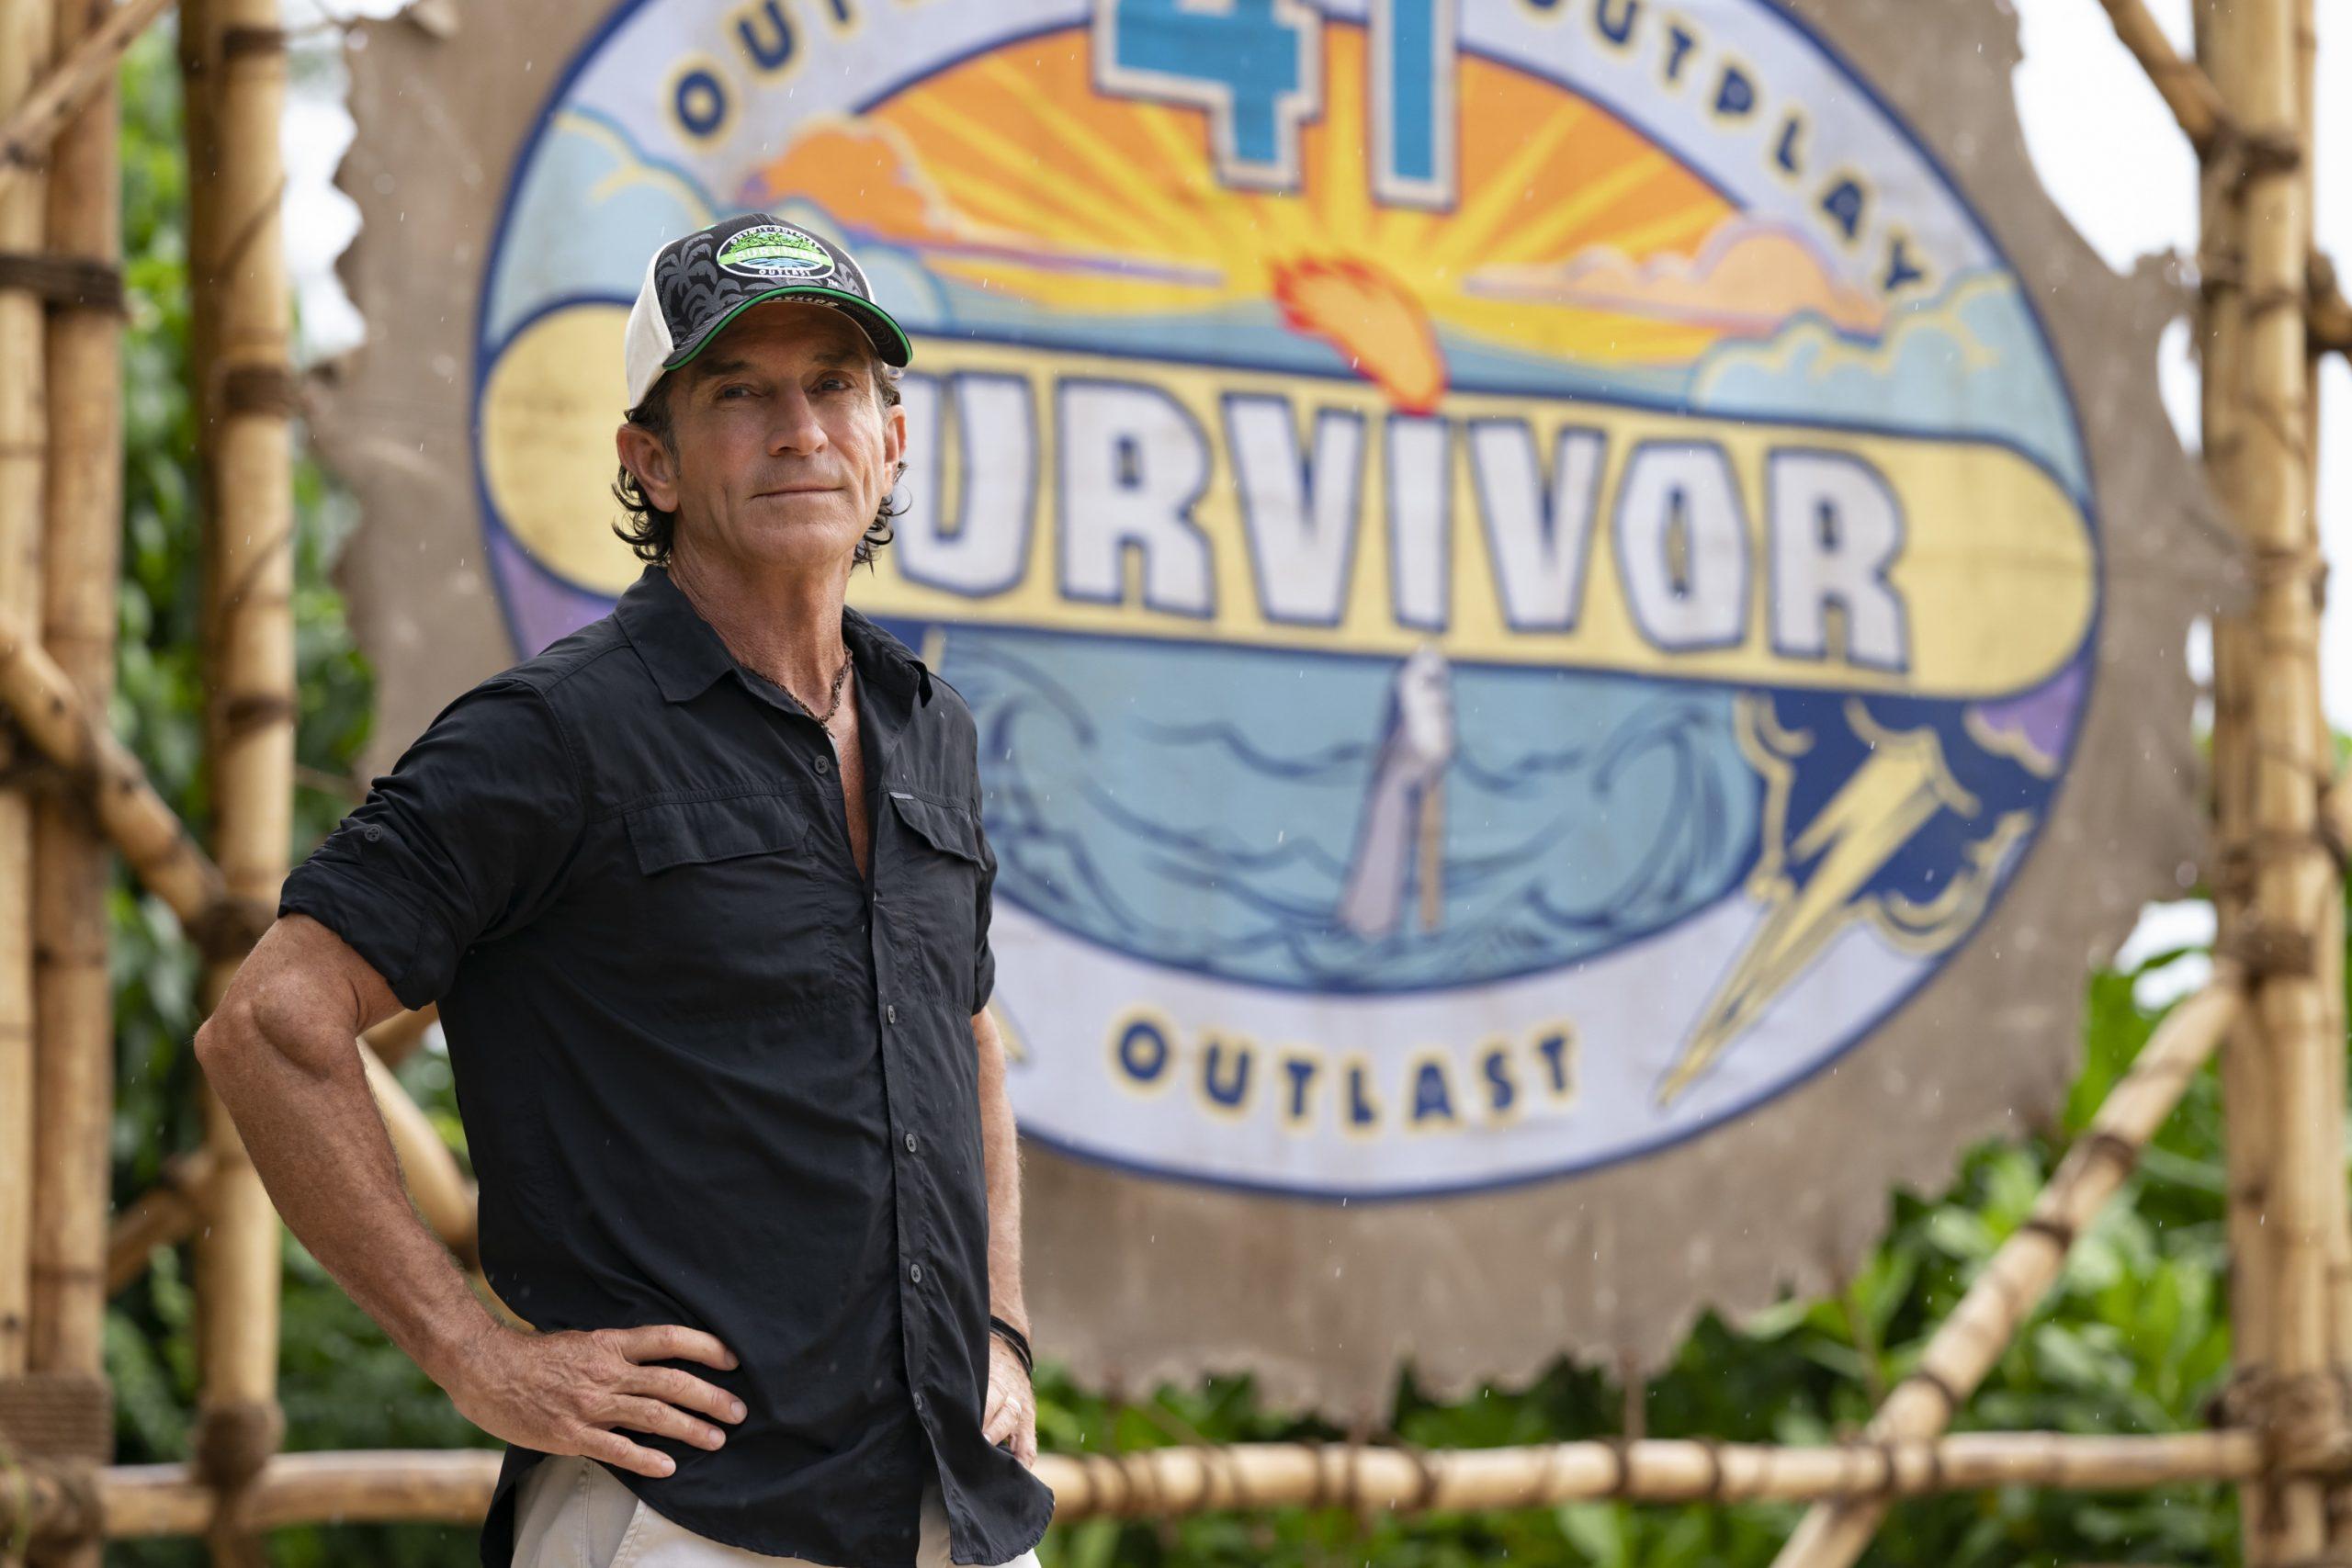 Jeff Probst on 'Survivor'